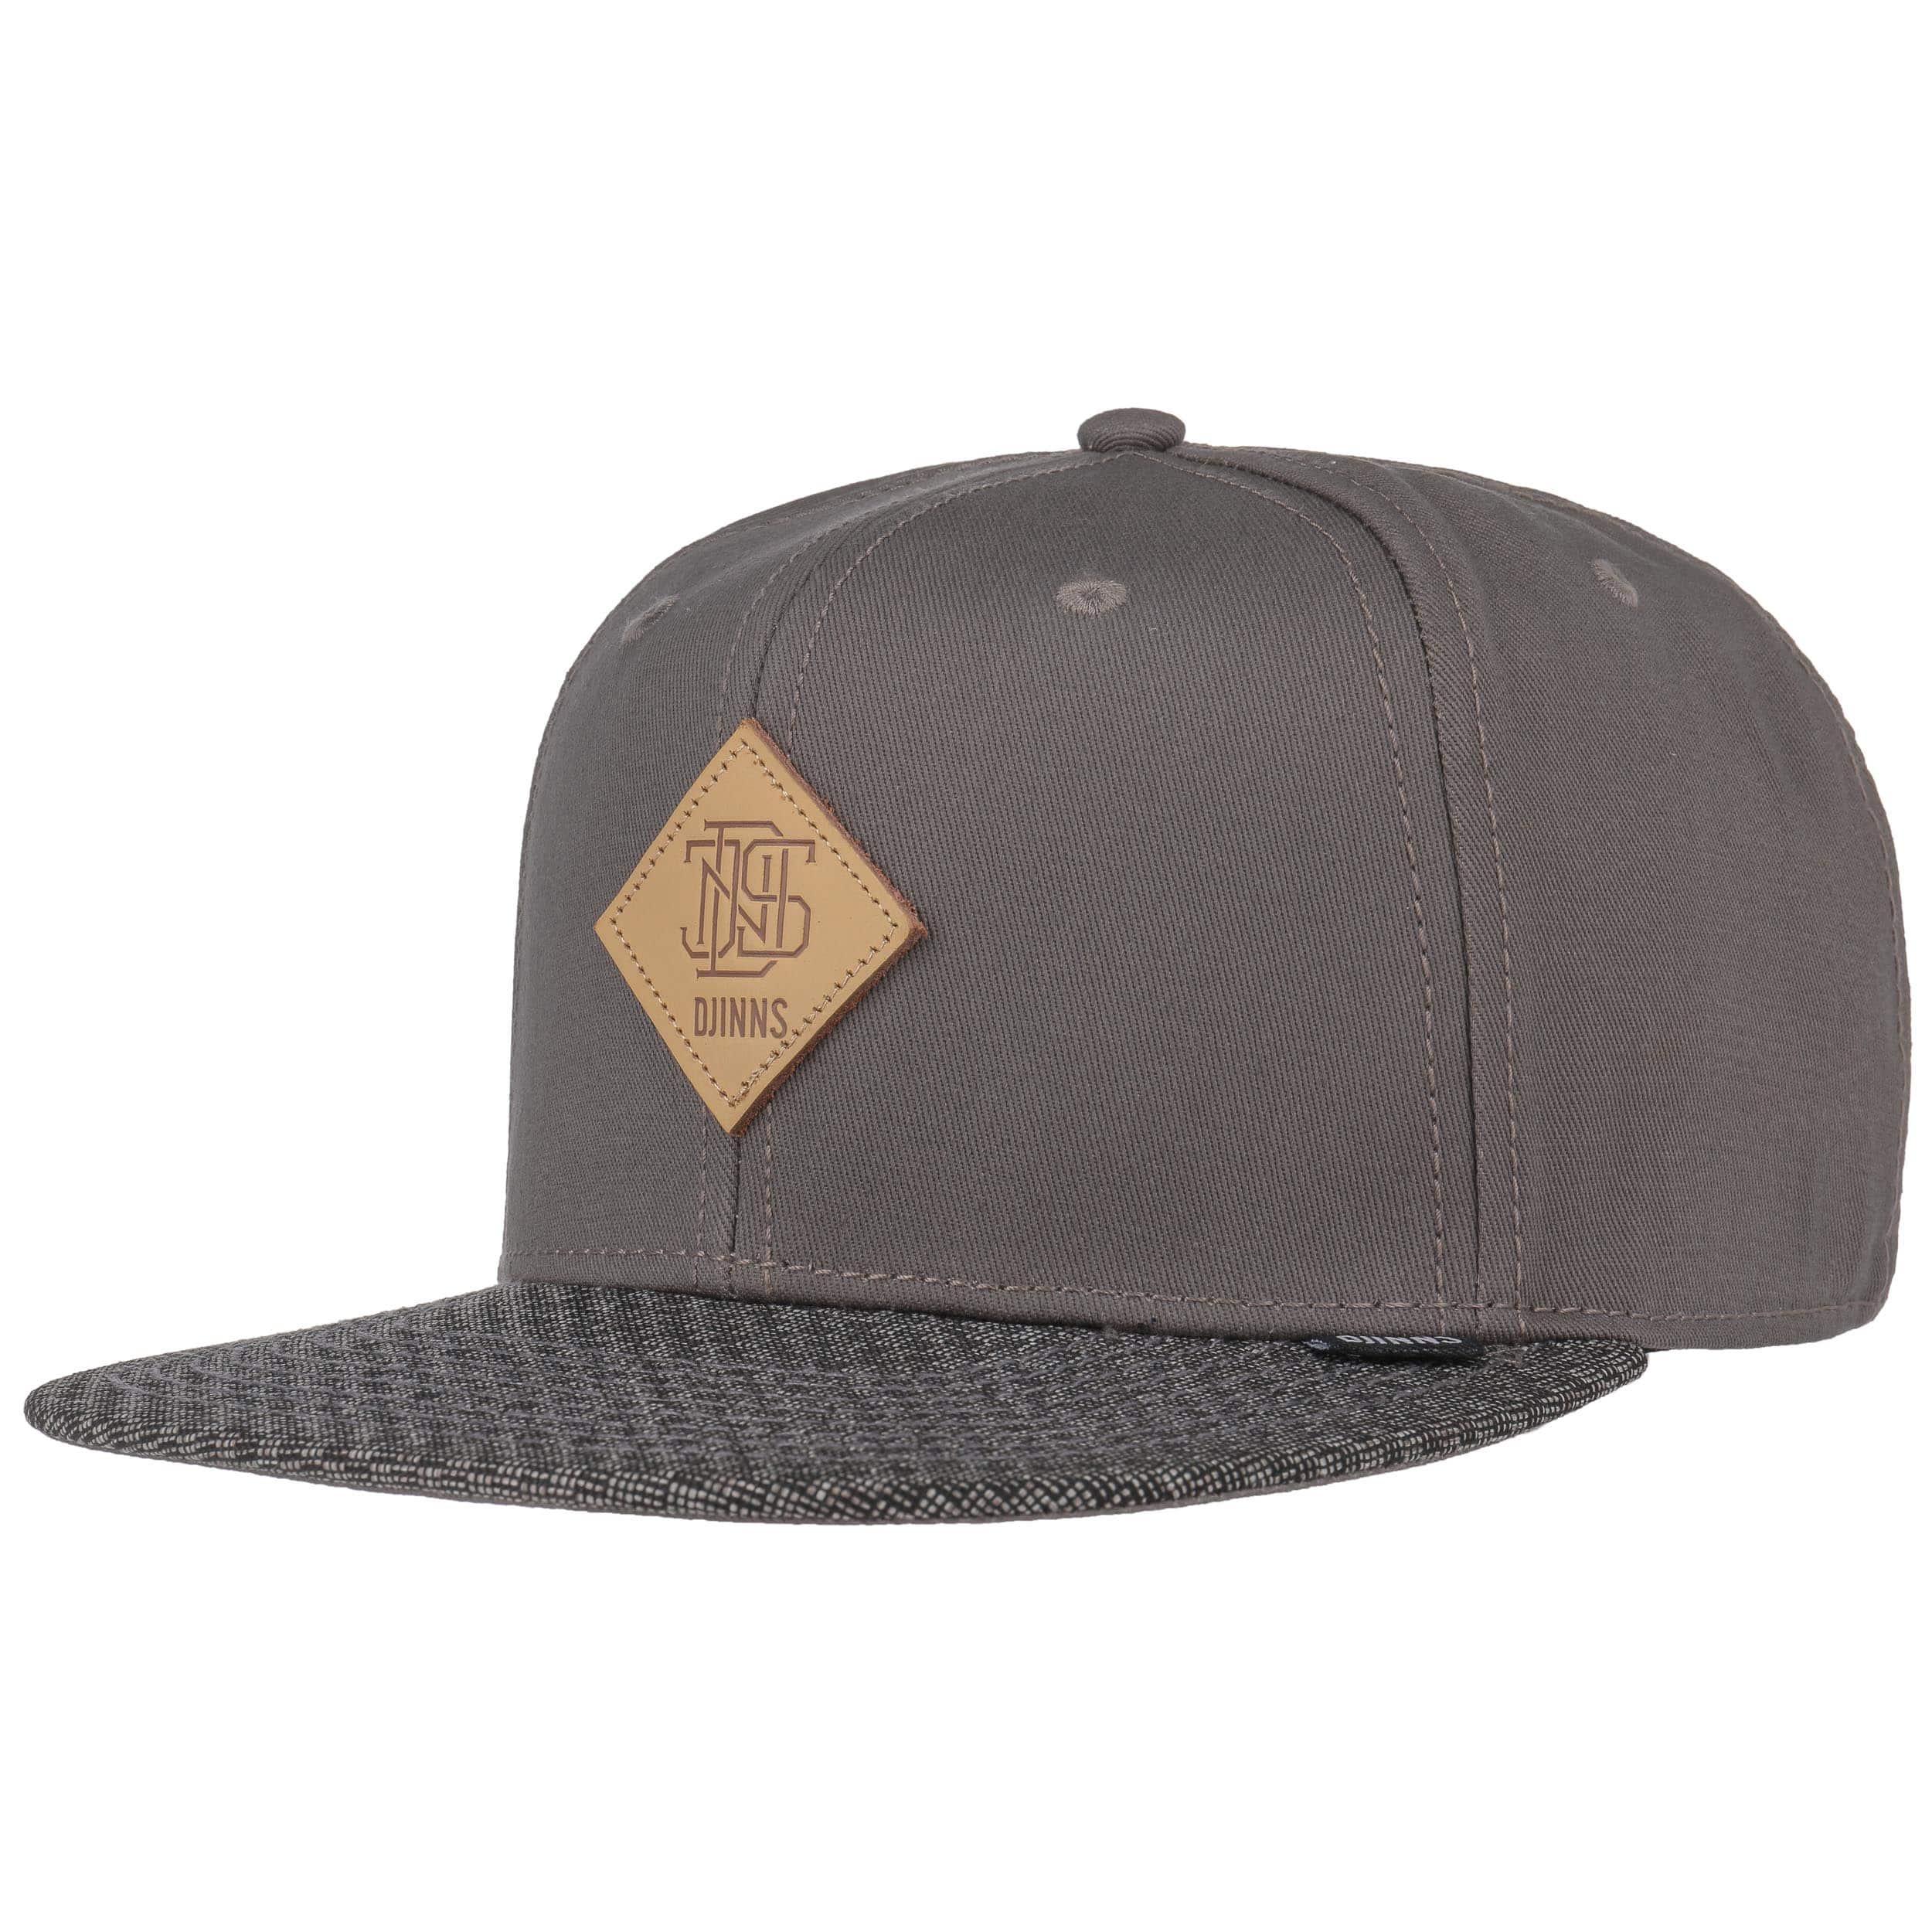 djinnselux ii trucker cap by djinns gbp 22 95 hats. Black Bedroom Furniture Sets. Home Design Ideas